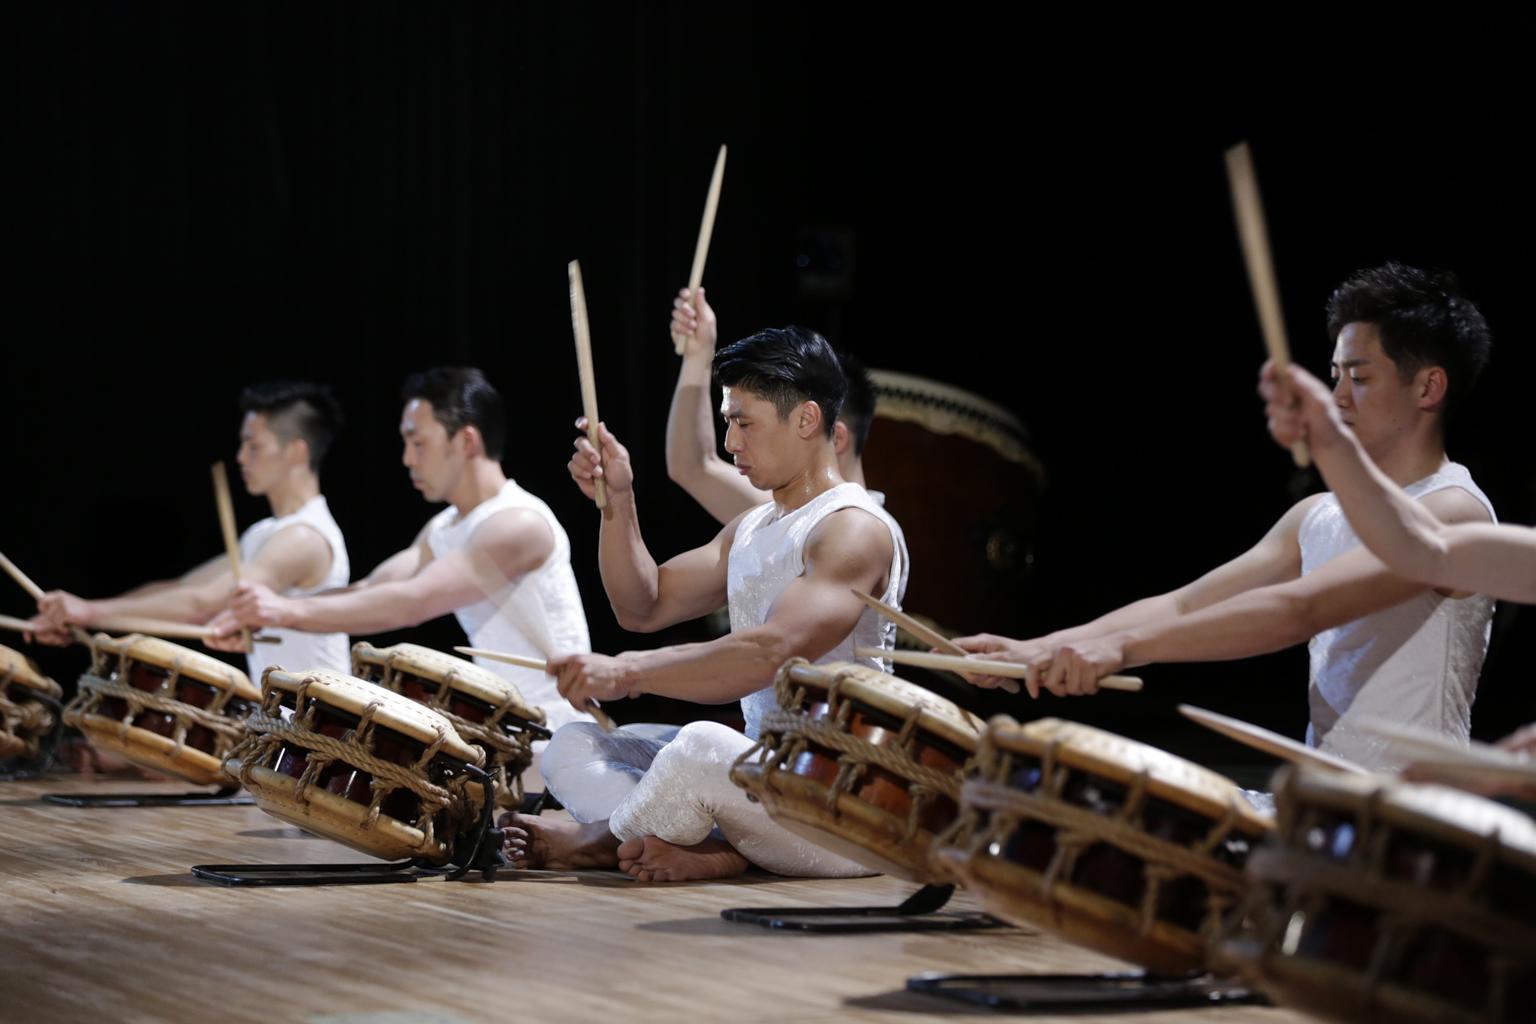 KODO Japanese drums